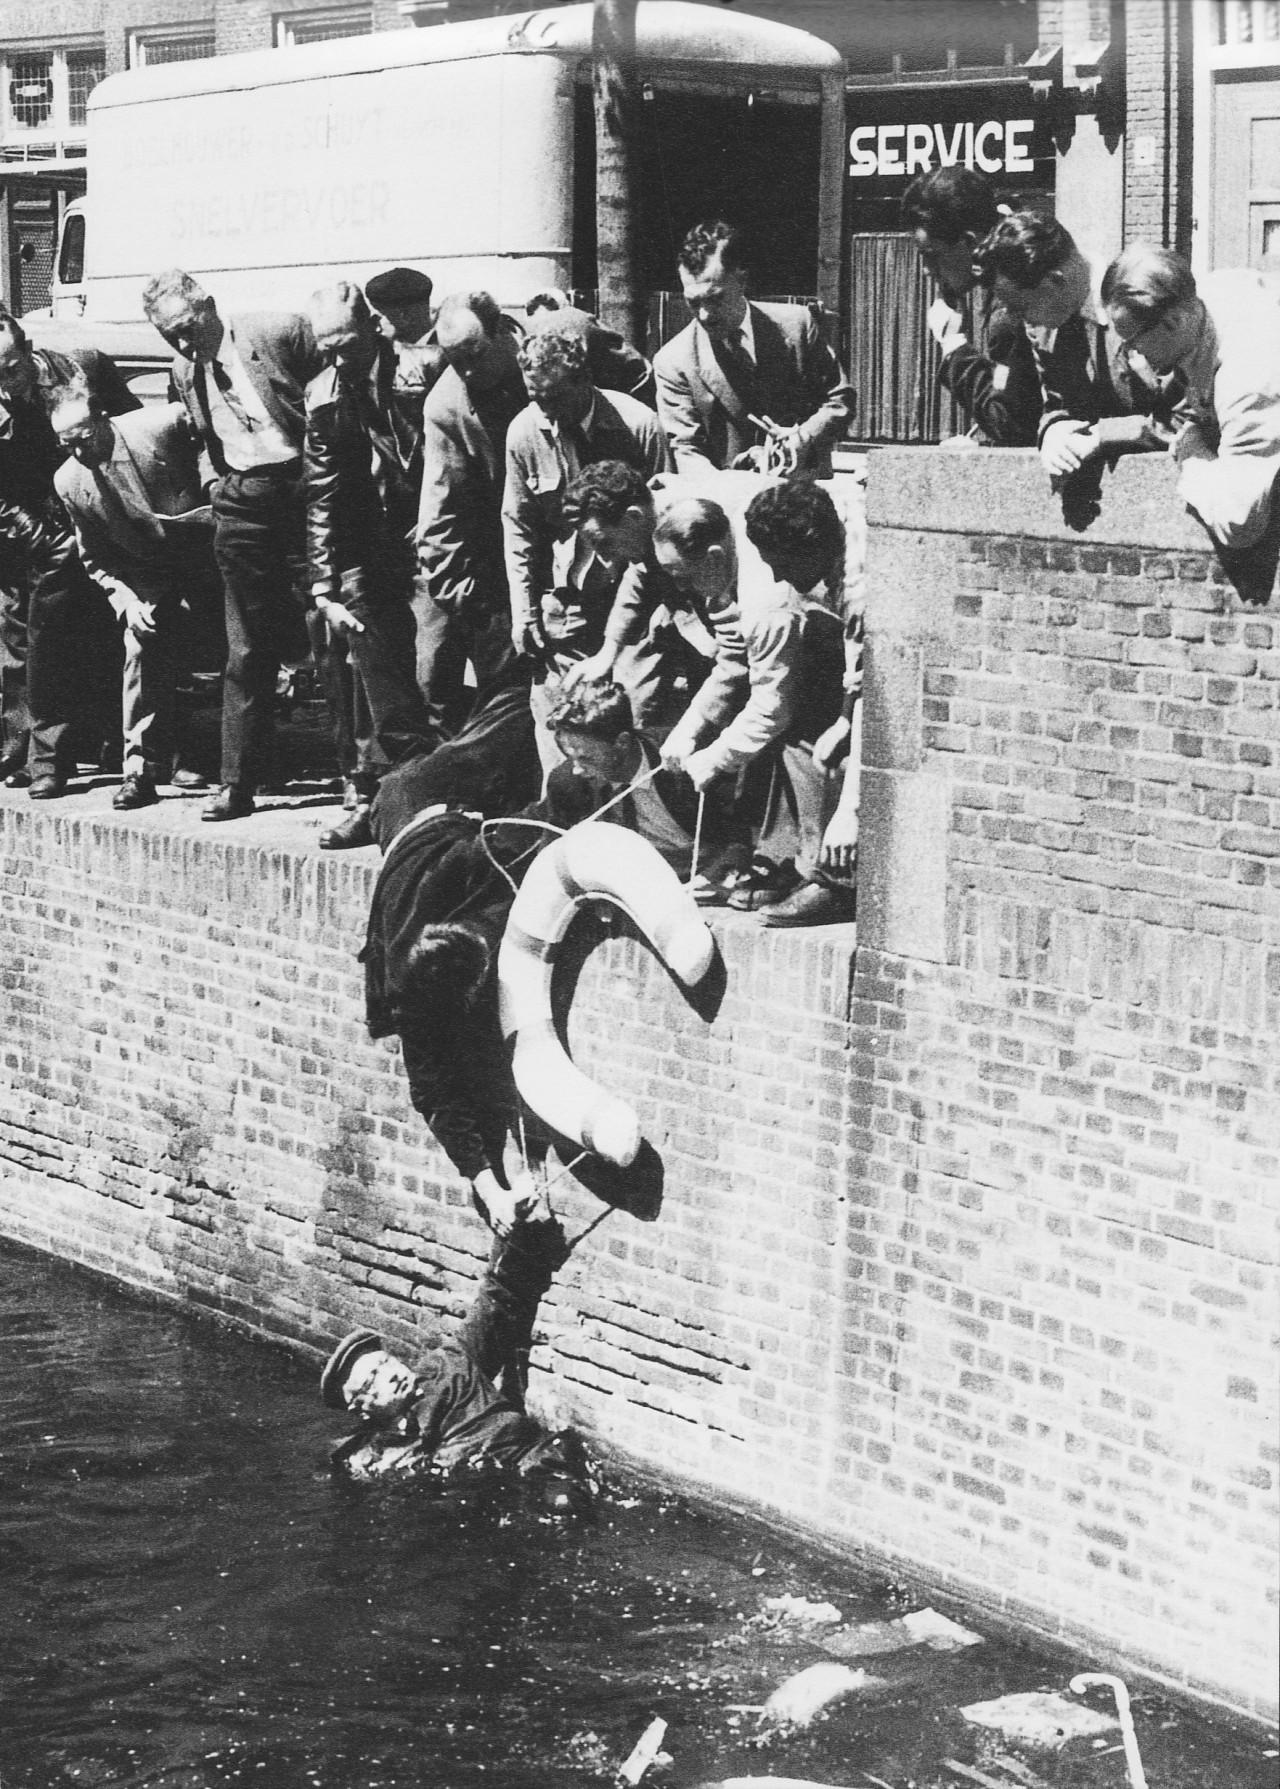 Спасение слепого человека, упавшего в канал. Гаага, Нидерланды, 1957. Фотограф Саймон Э. Смит